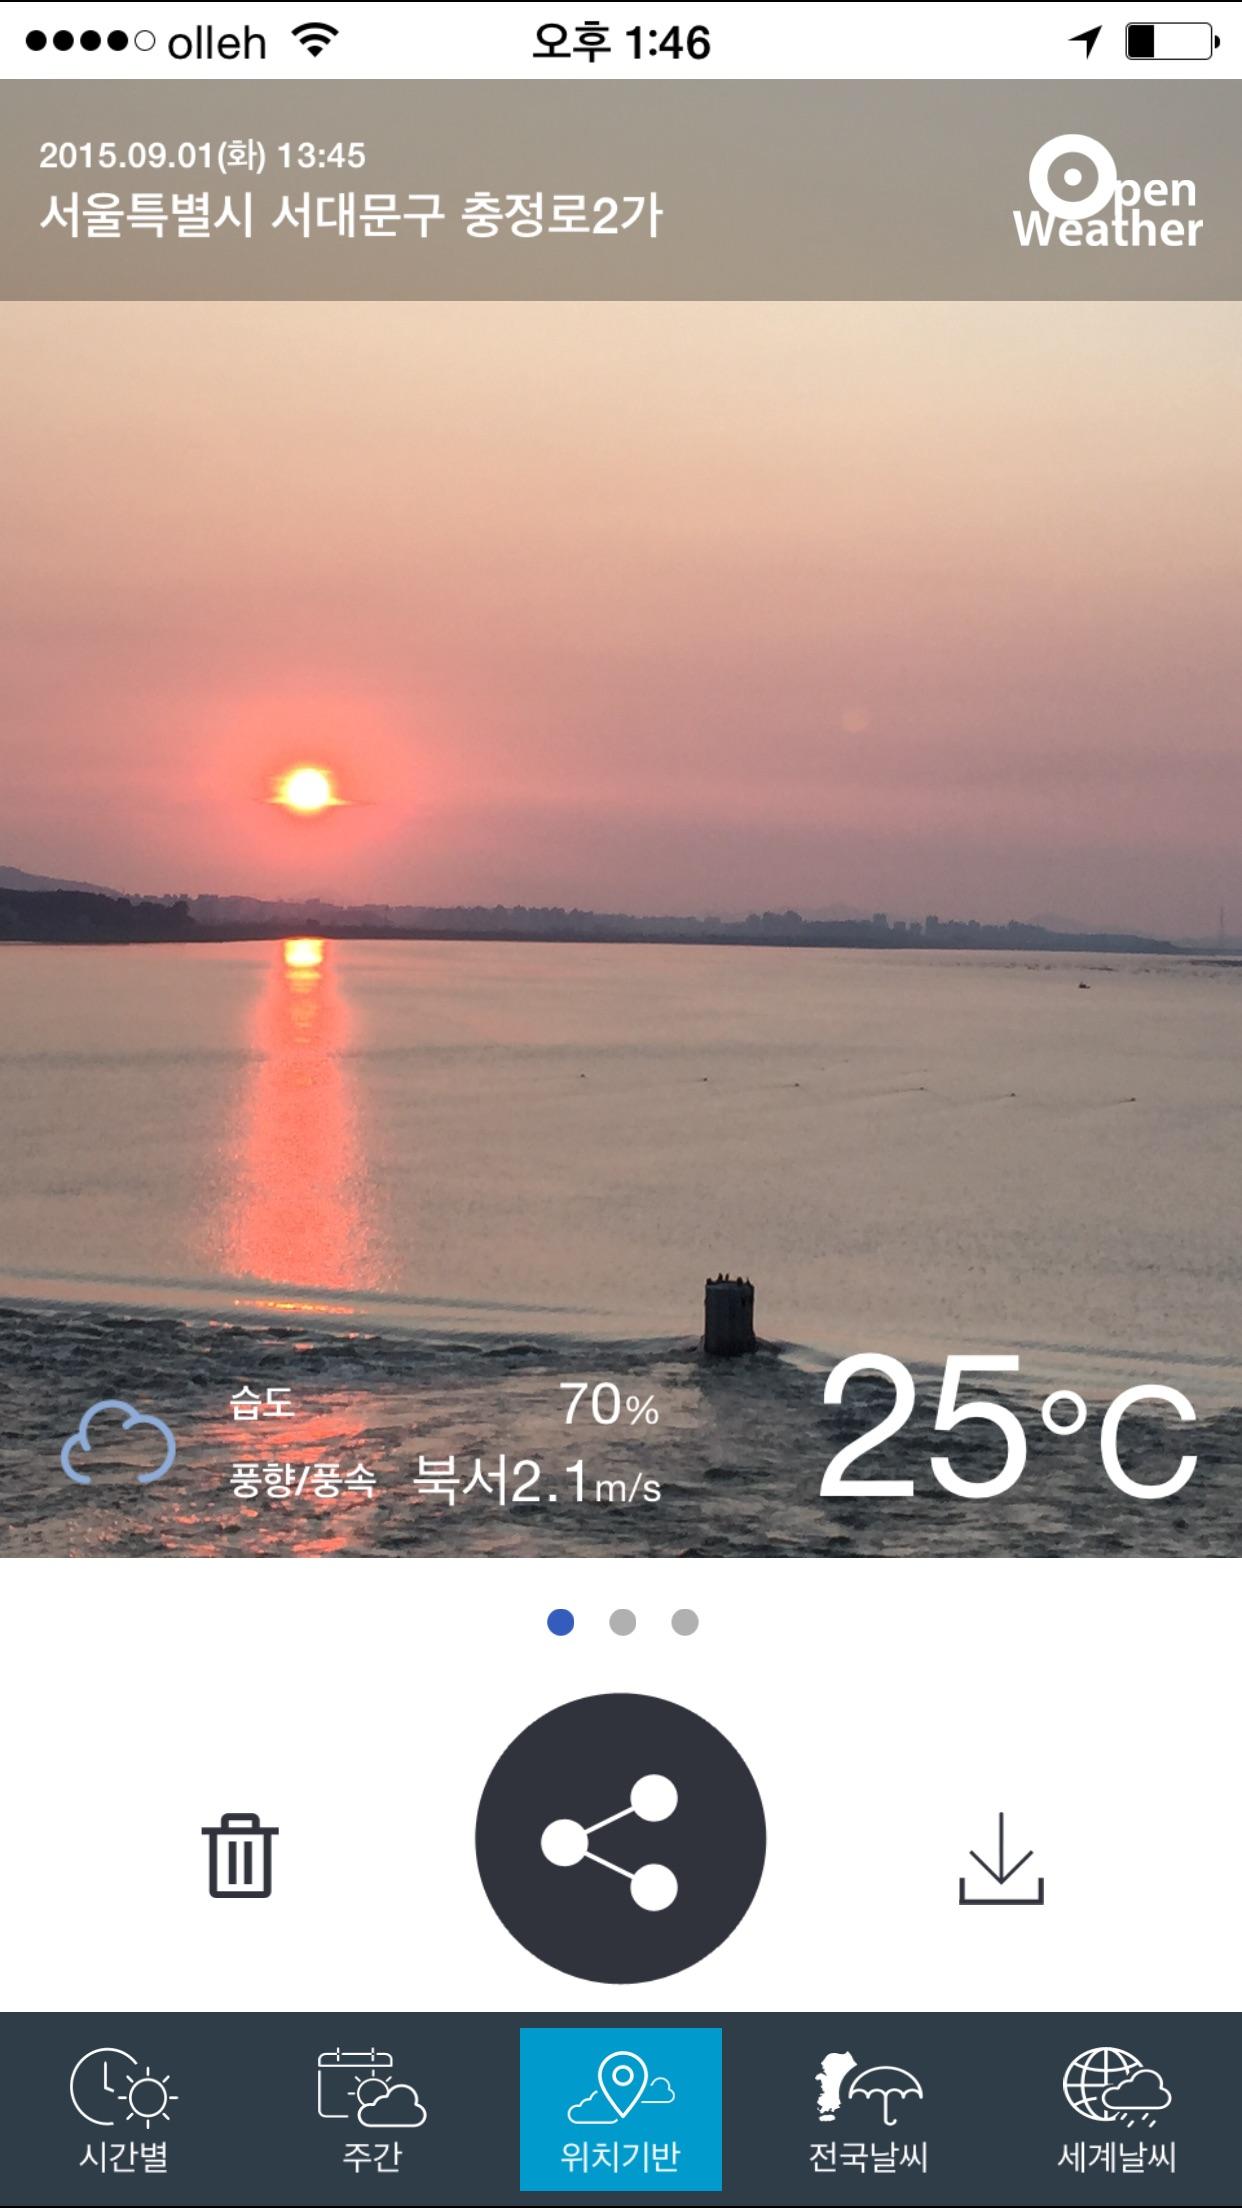 오픈웨더 날씨(기상청, 여행날씨, 날씨카메라, 알람) Screenshot